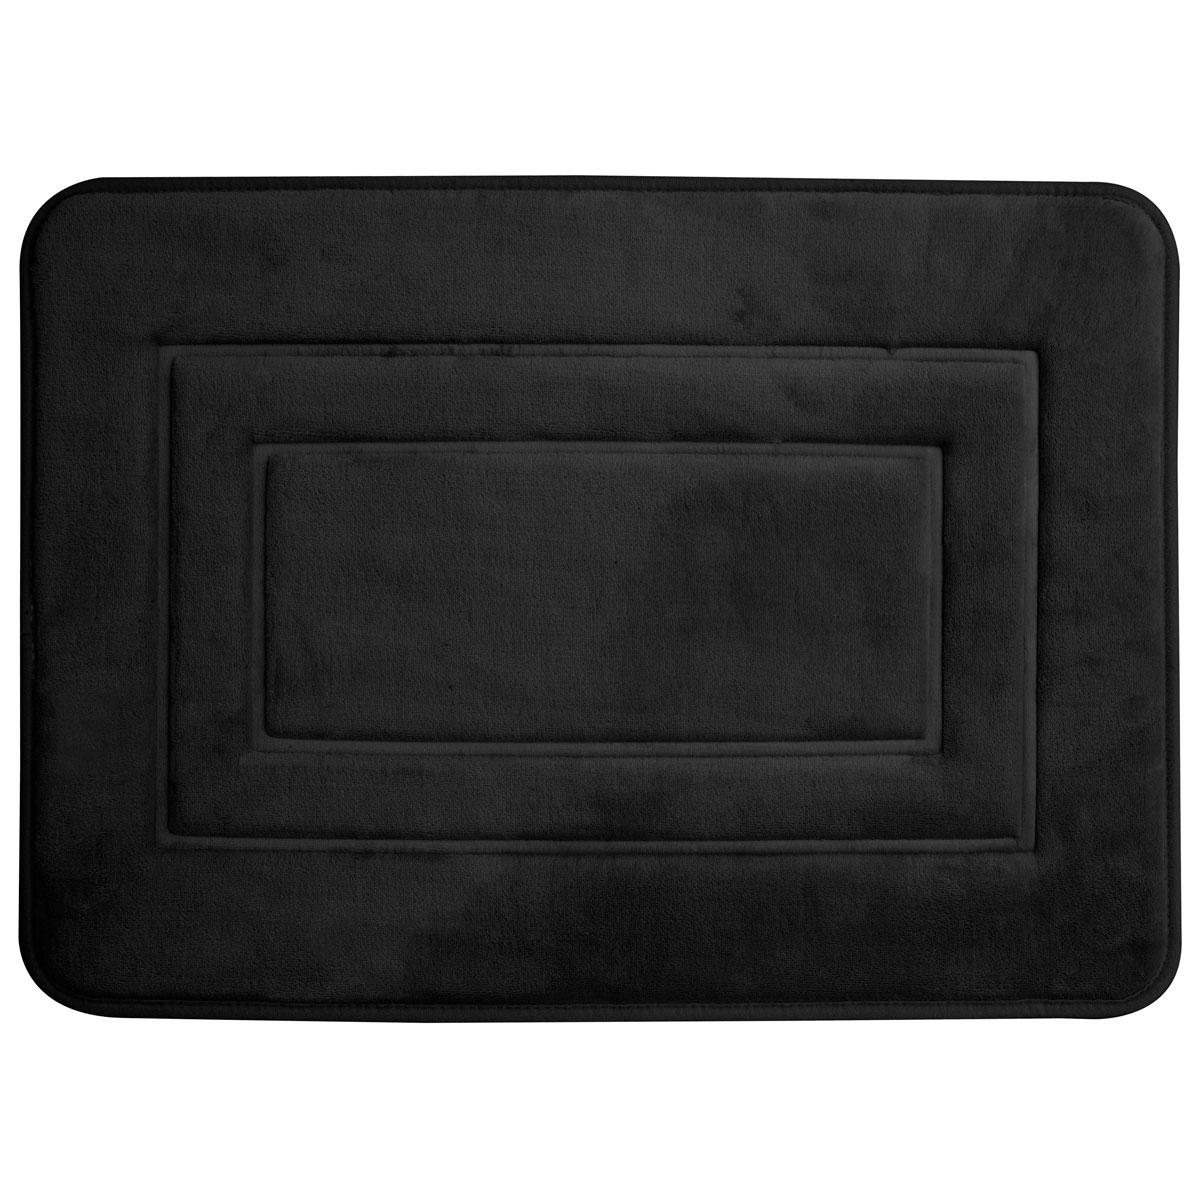 Super mäkká kúpeľňa koberec 40x60 San black